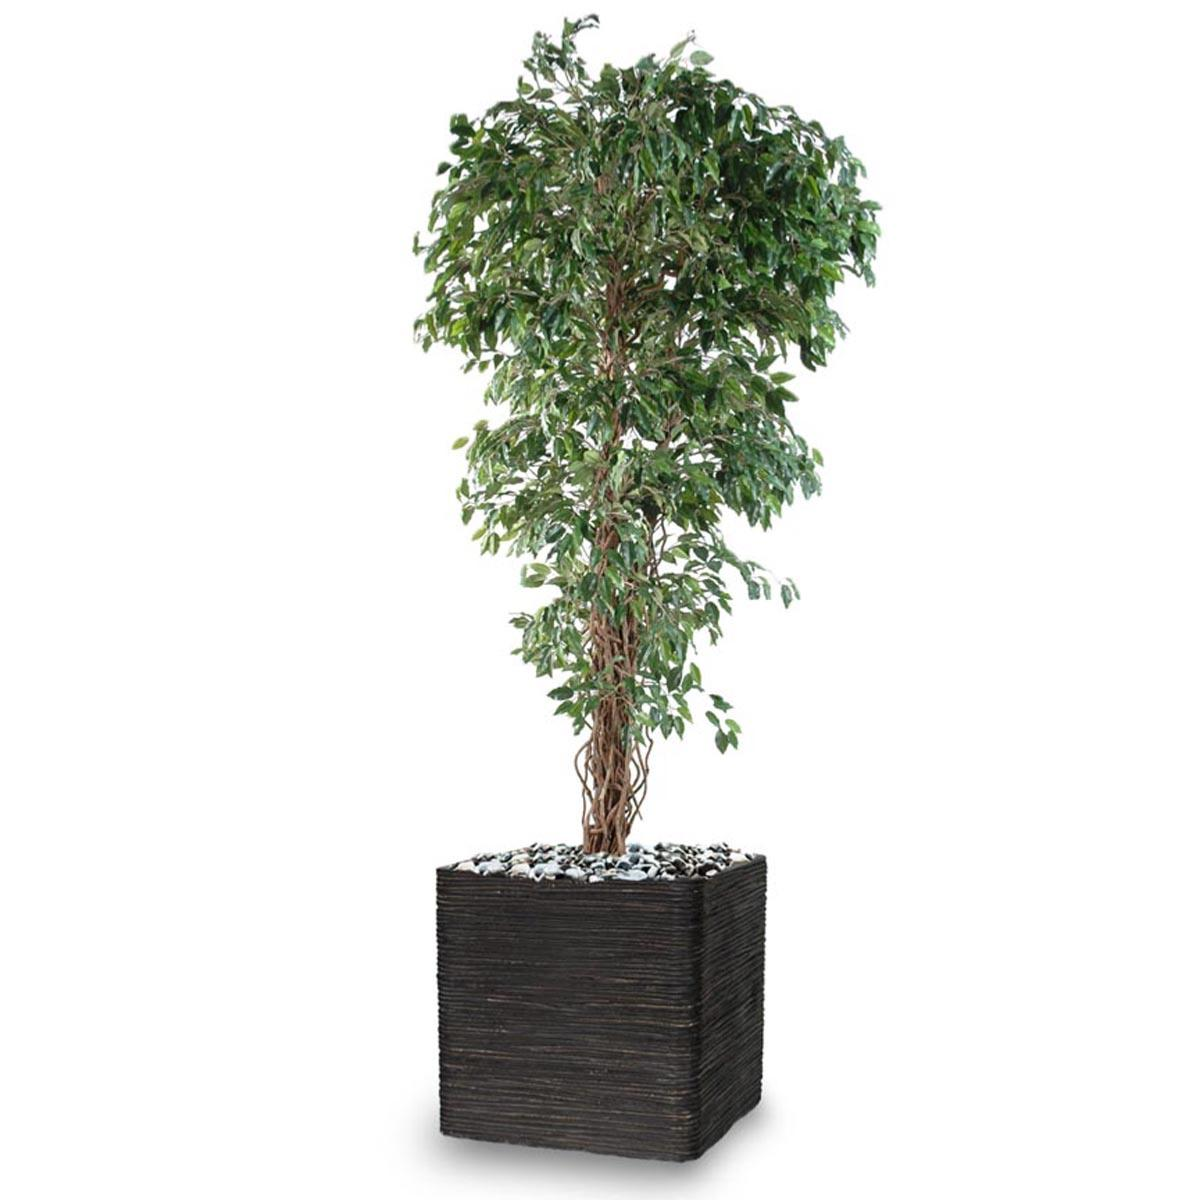 Petites Plantes Fleuries En Pot ficus benjamina artificiel petite feuille tronc lianes en pot tronc naturel  h 180 cm vert